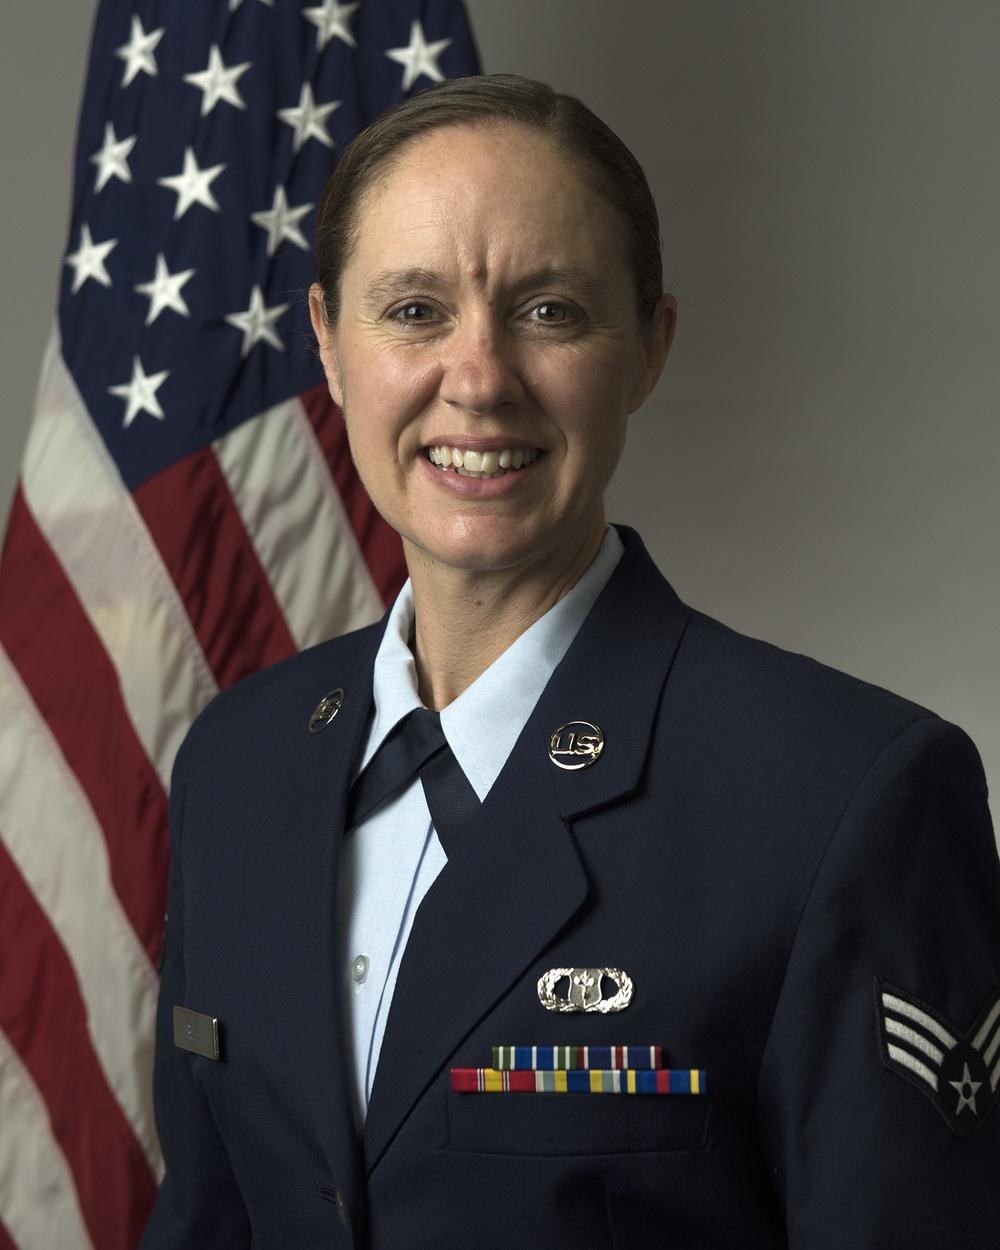 Senior Airman Ruth-Ann Bell